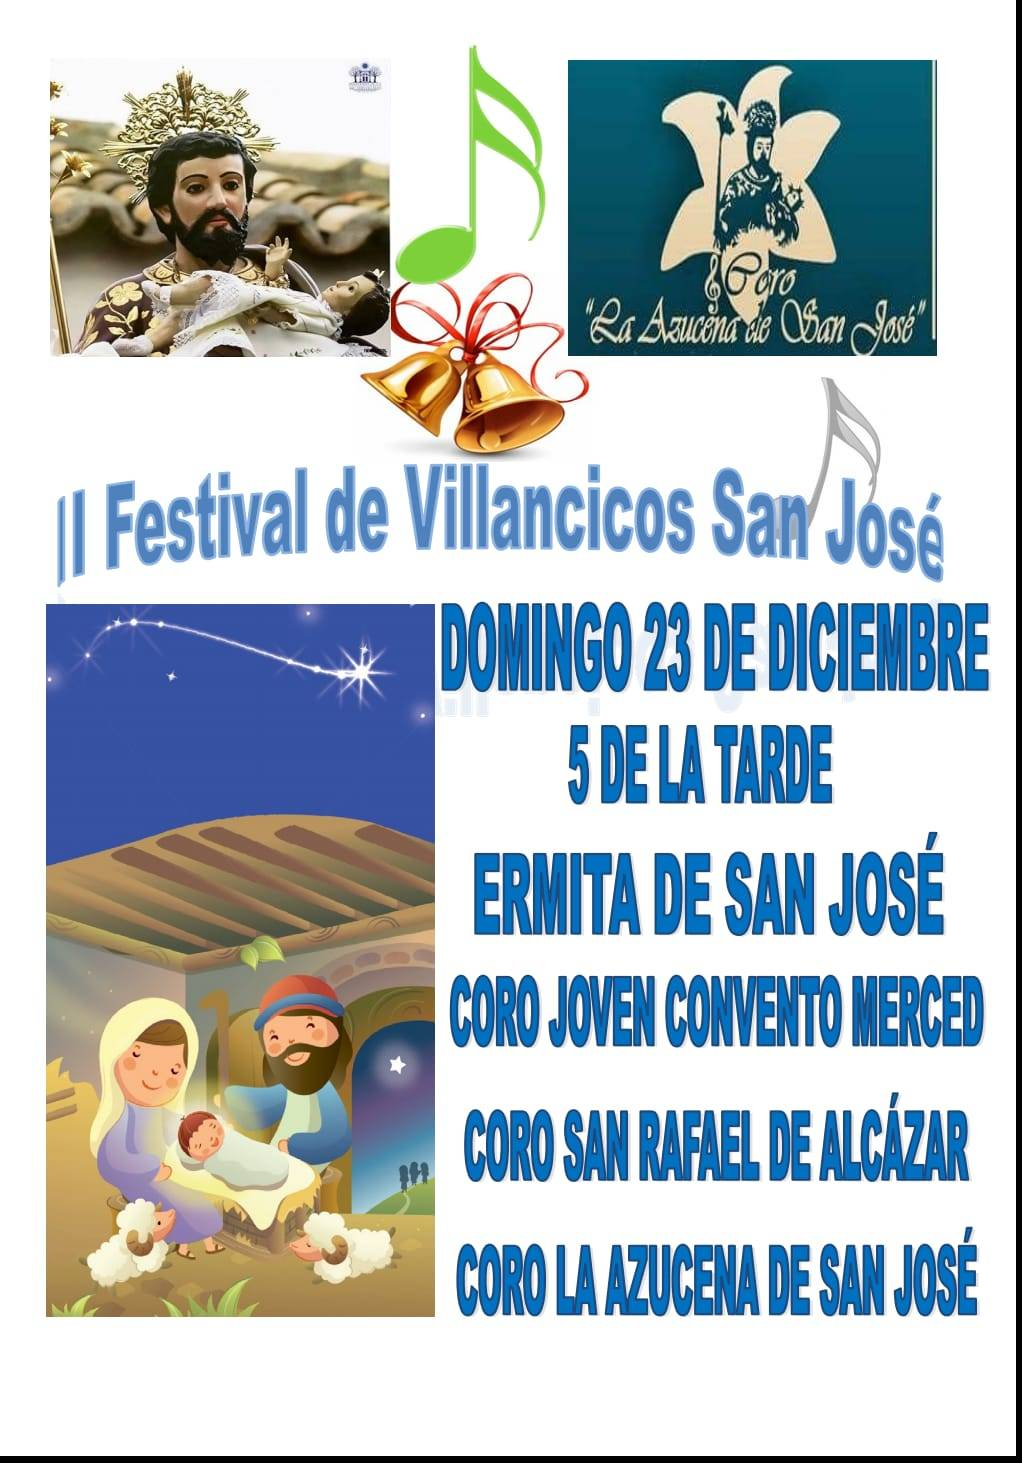 II Festival de Villancicos de San Jos%C3%A9 - Segundo Festival de Villancicos San José